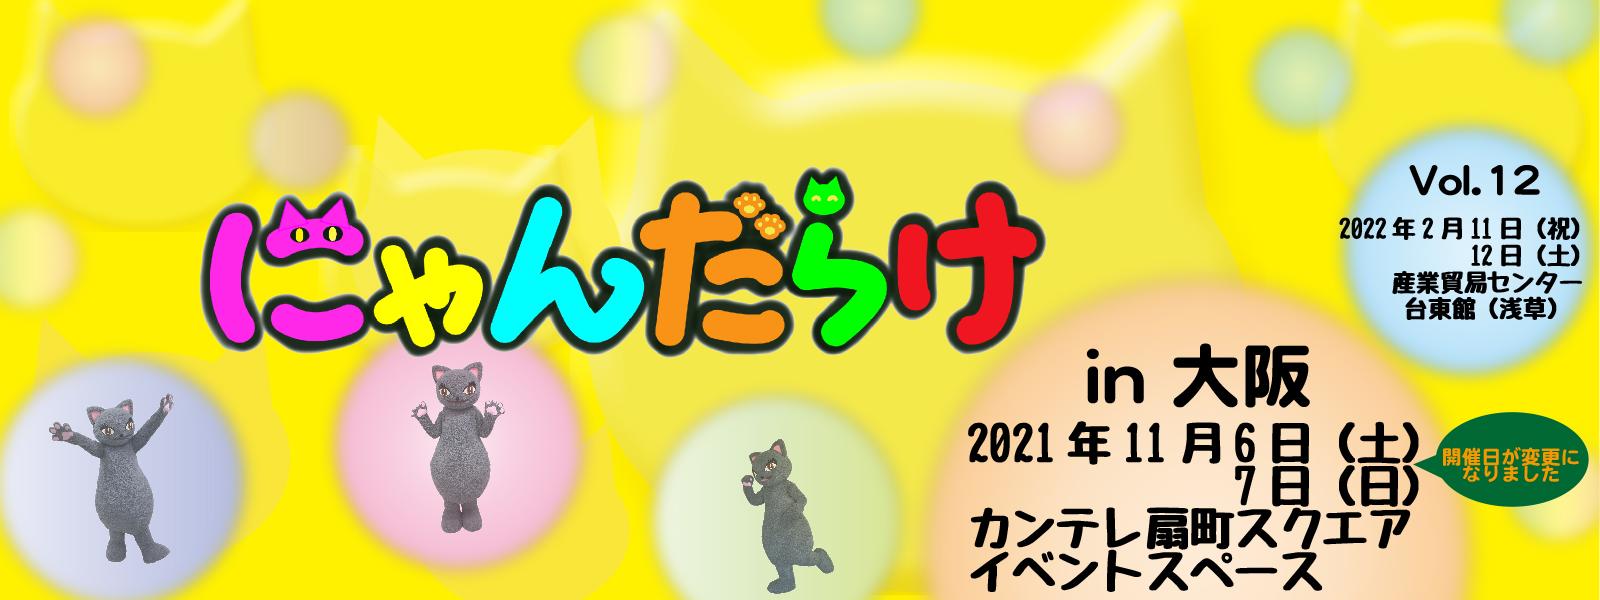 にゃんだらけVol.12